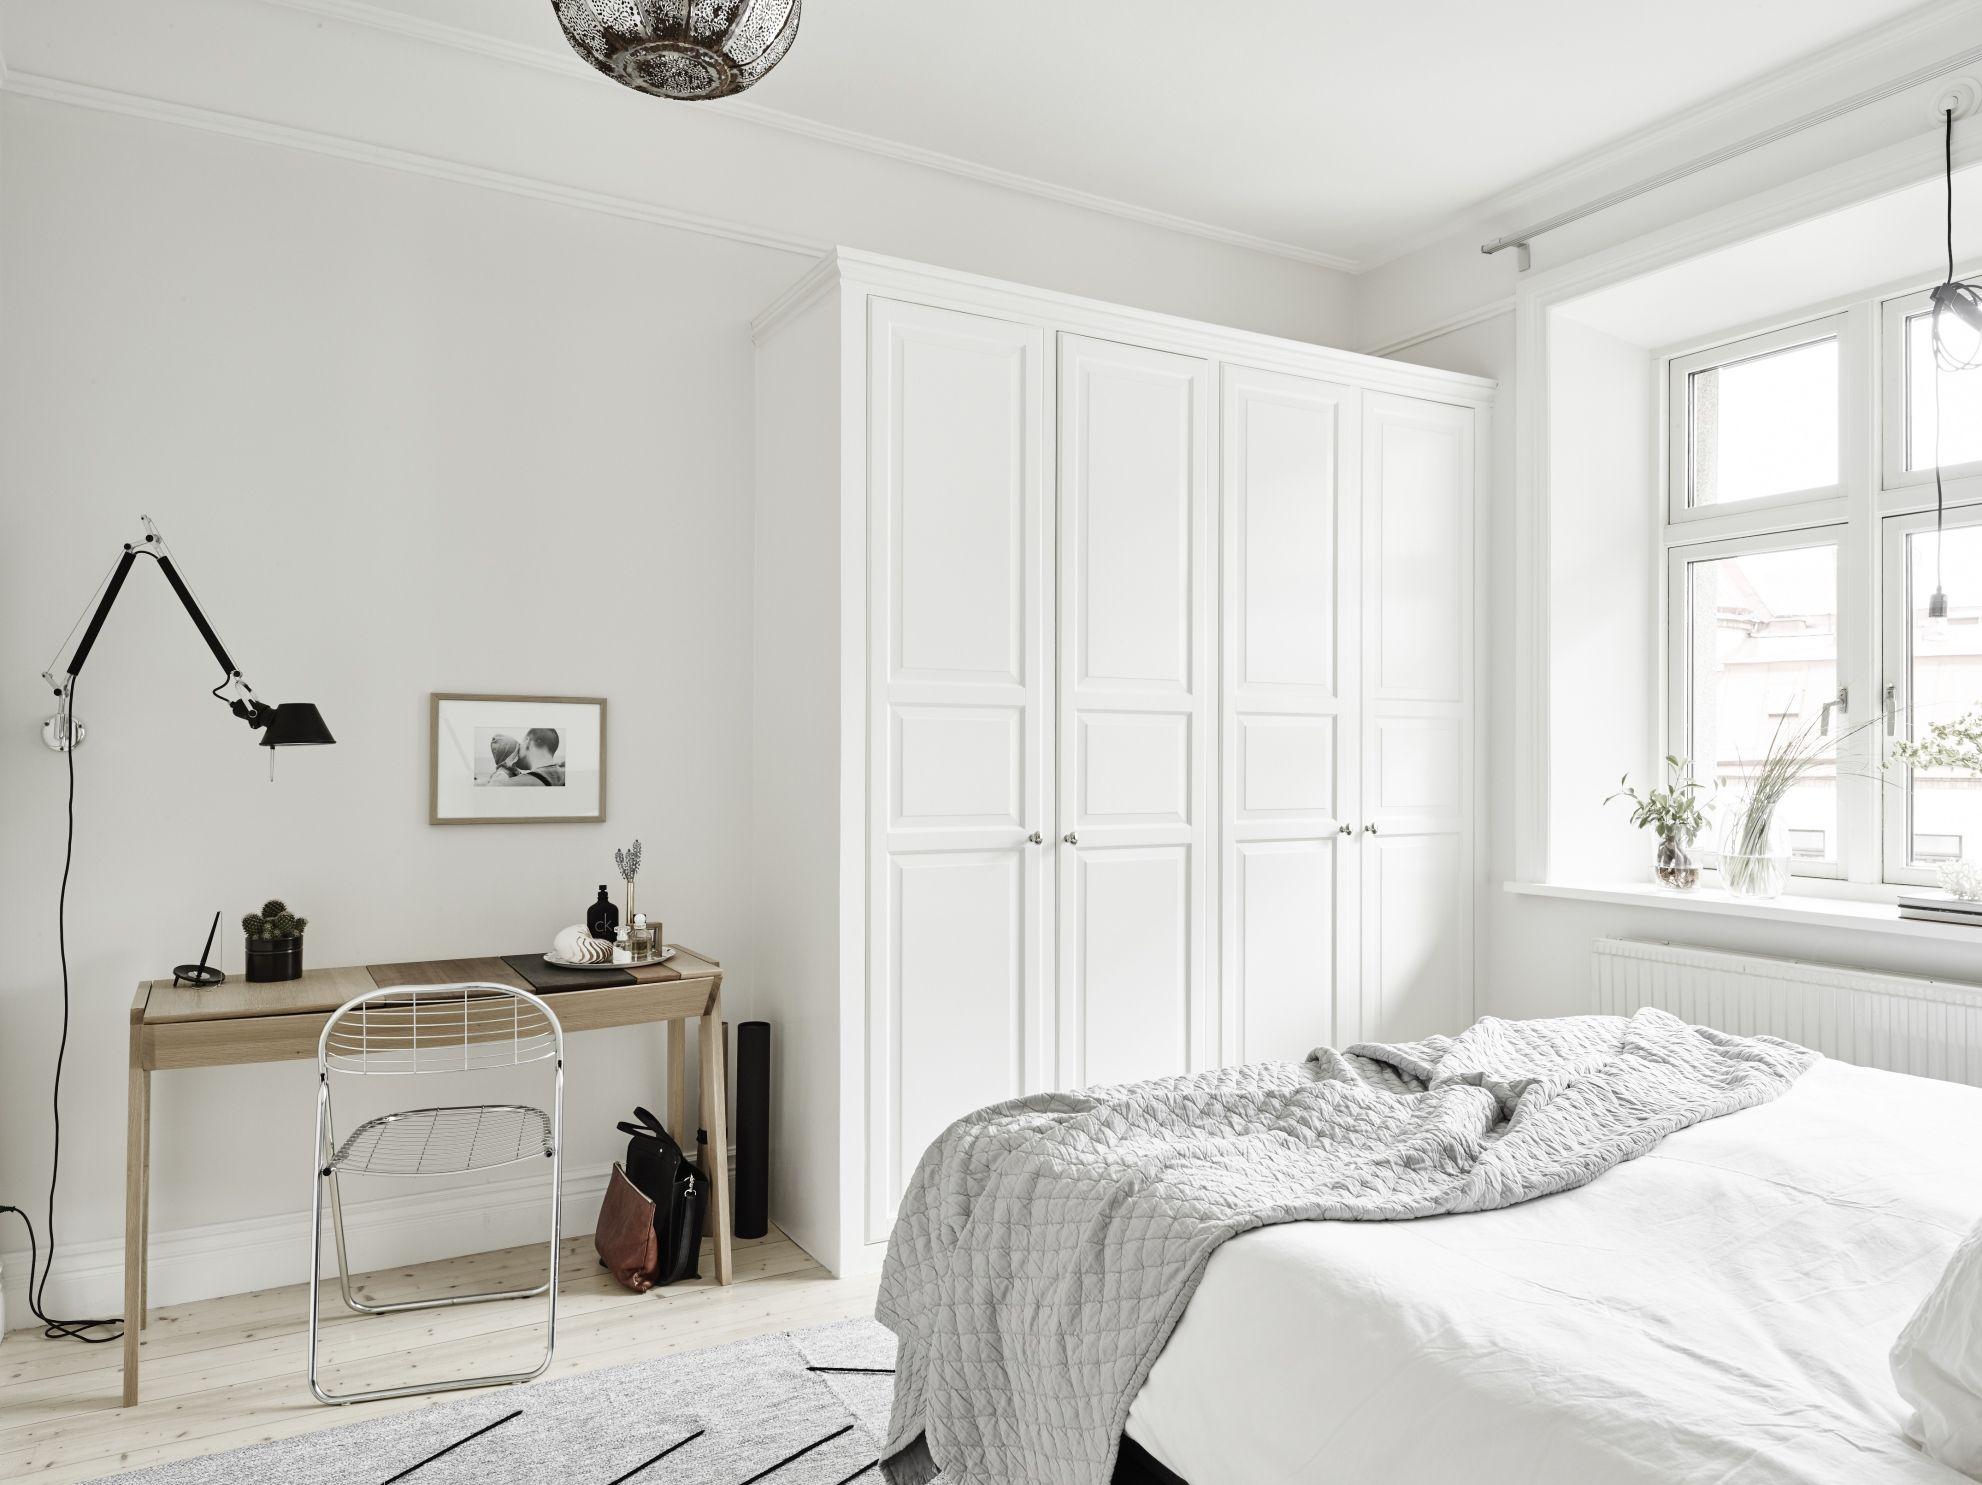 Цветовые сочетания элементов скандинавского стиля: проверенные варианты